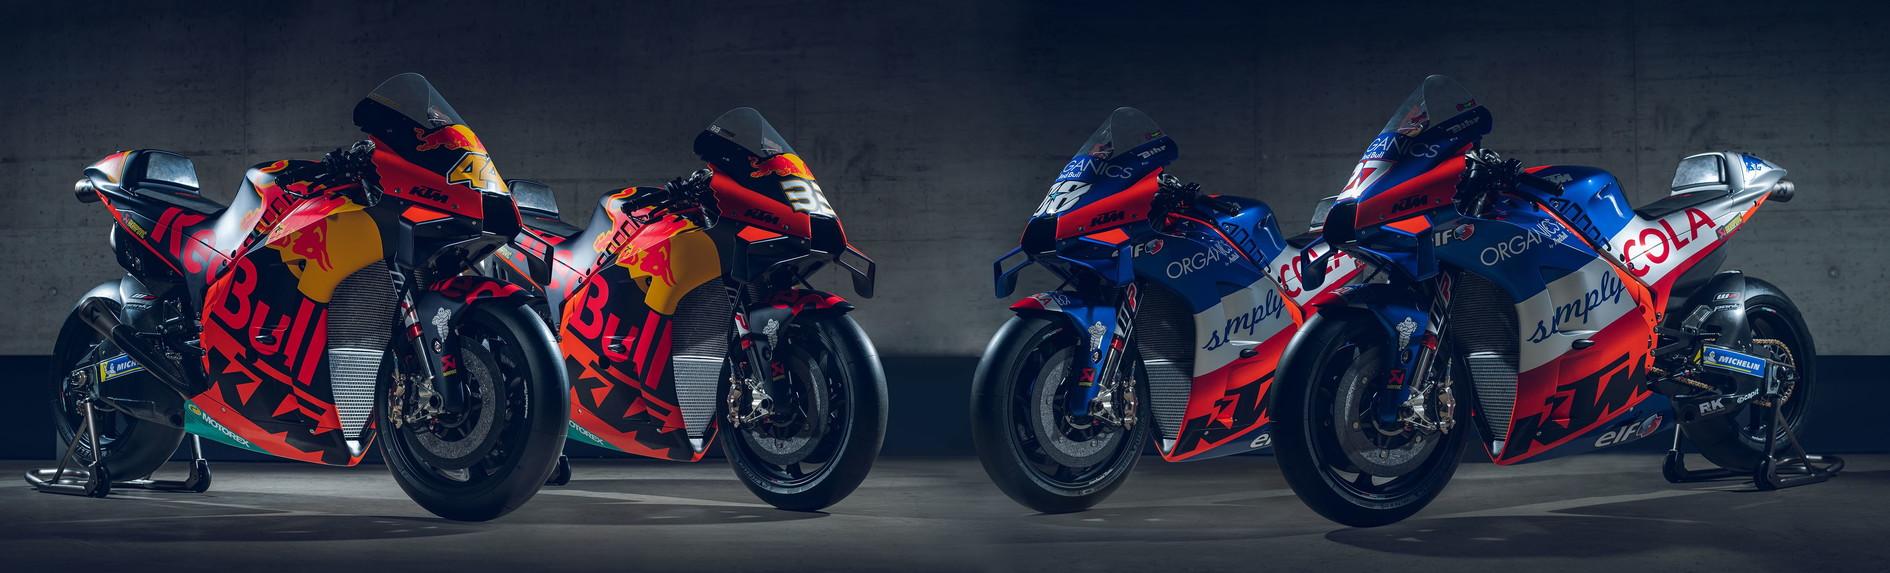 Presentato lo squadrone Ktm per l'imminente stagione di MotoGP. Saranno quattro i piloti in sella alle RC16: Pol Espargaro e Brad Binder con i colori del team ufficiale, MiguelOliveira e Iker Lecuona con quelli del team Tech3.